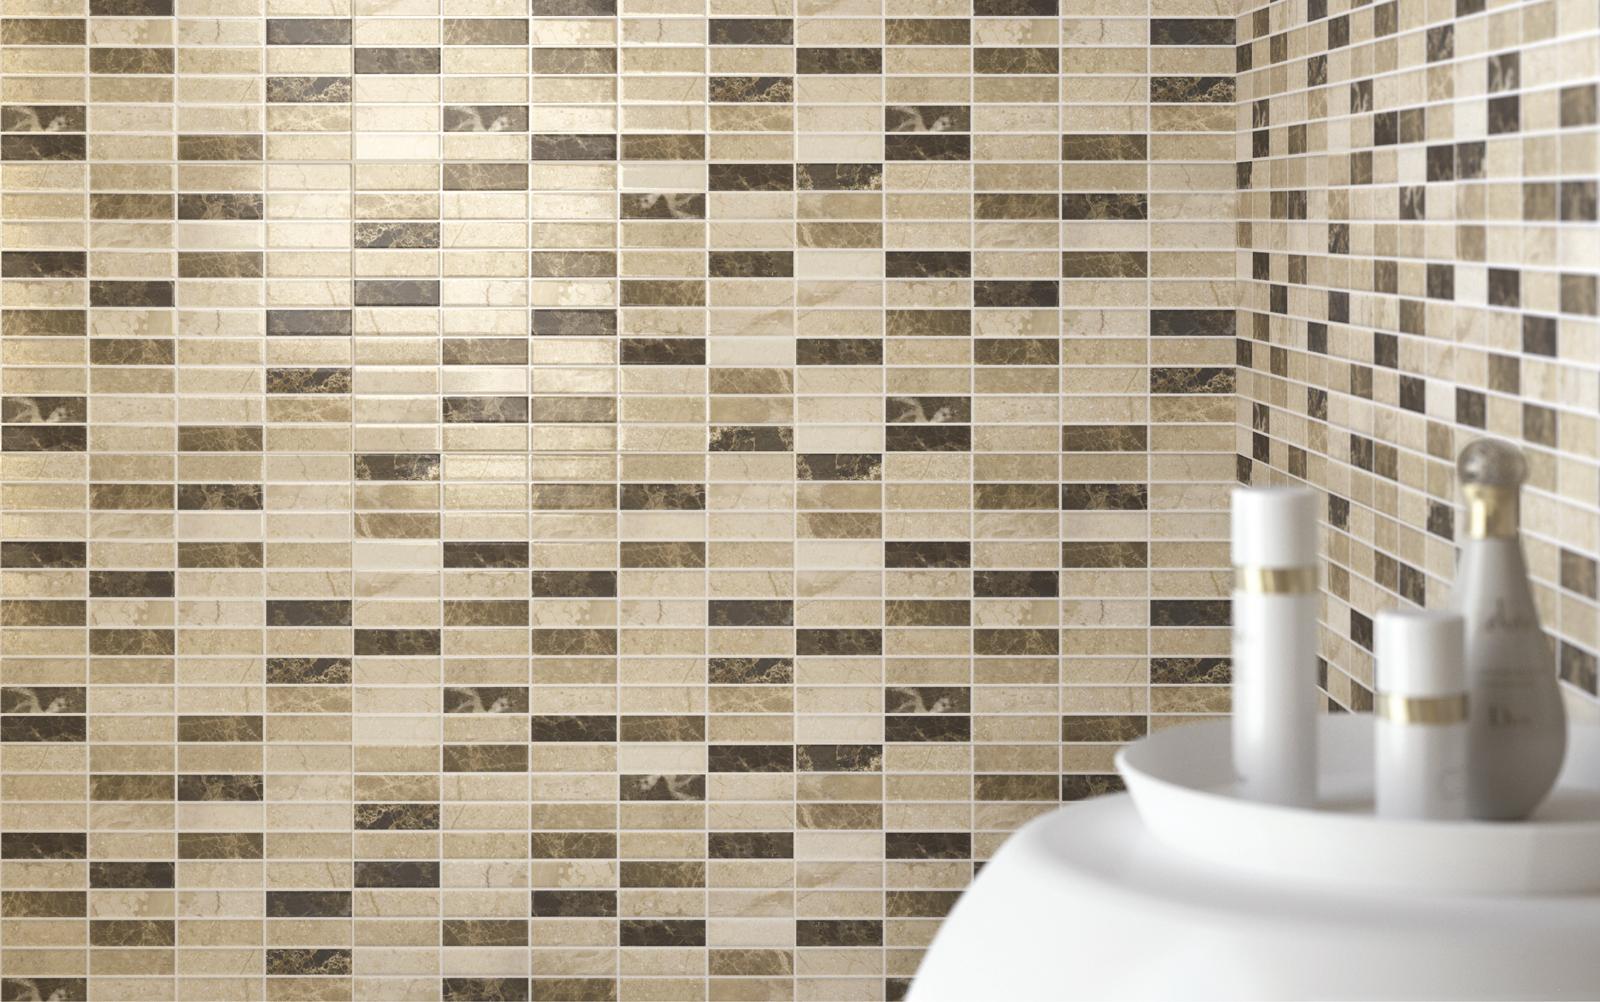 Collezione game mosaici di ceramica per bagno e cucina - Piastrelle in mosaico per bagno ...